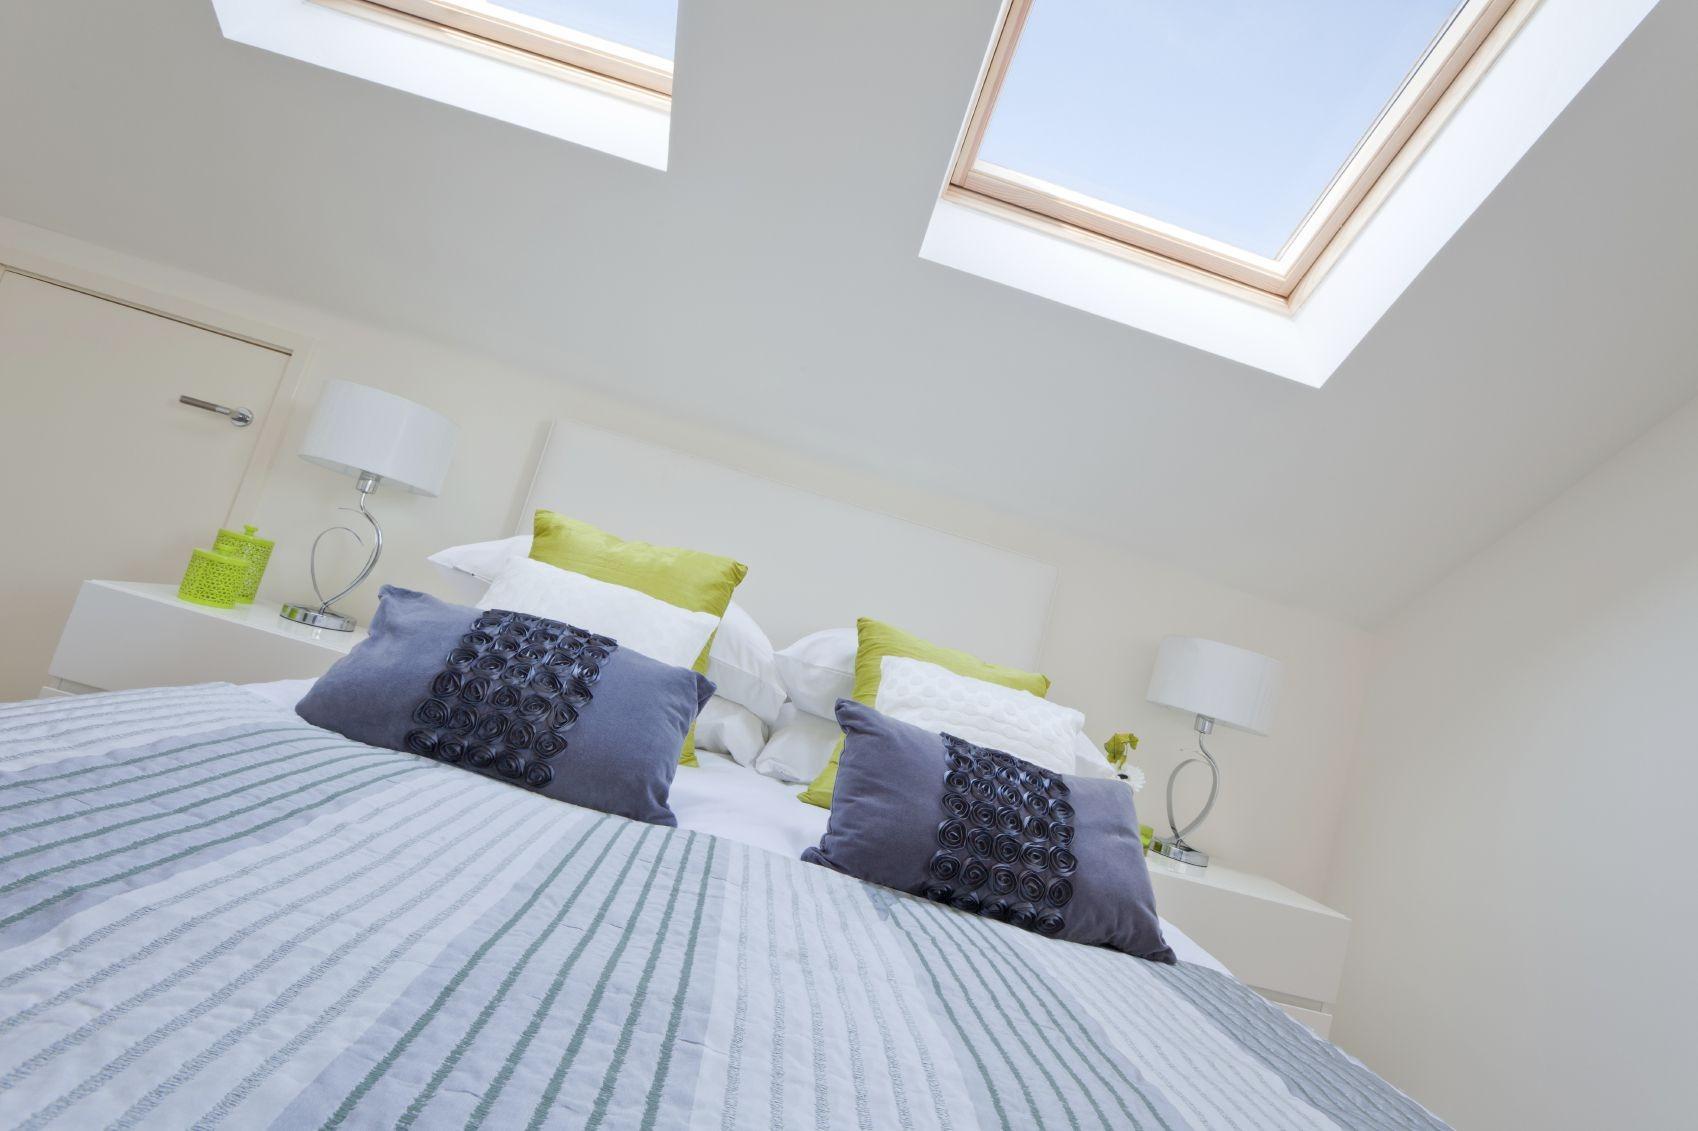 Bedroom Loft - iStock_000016212028_Medium